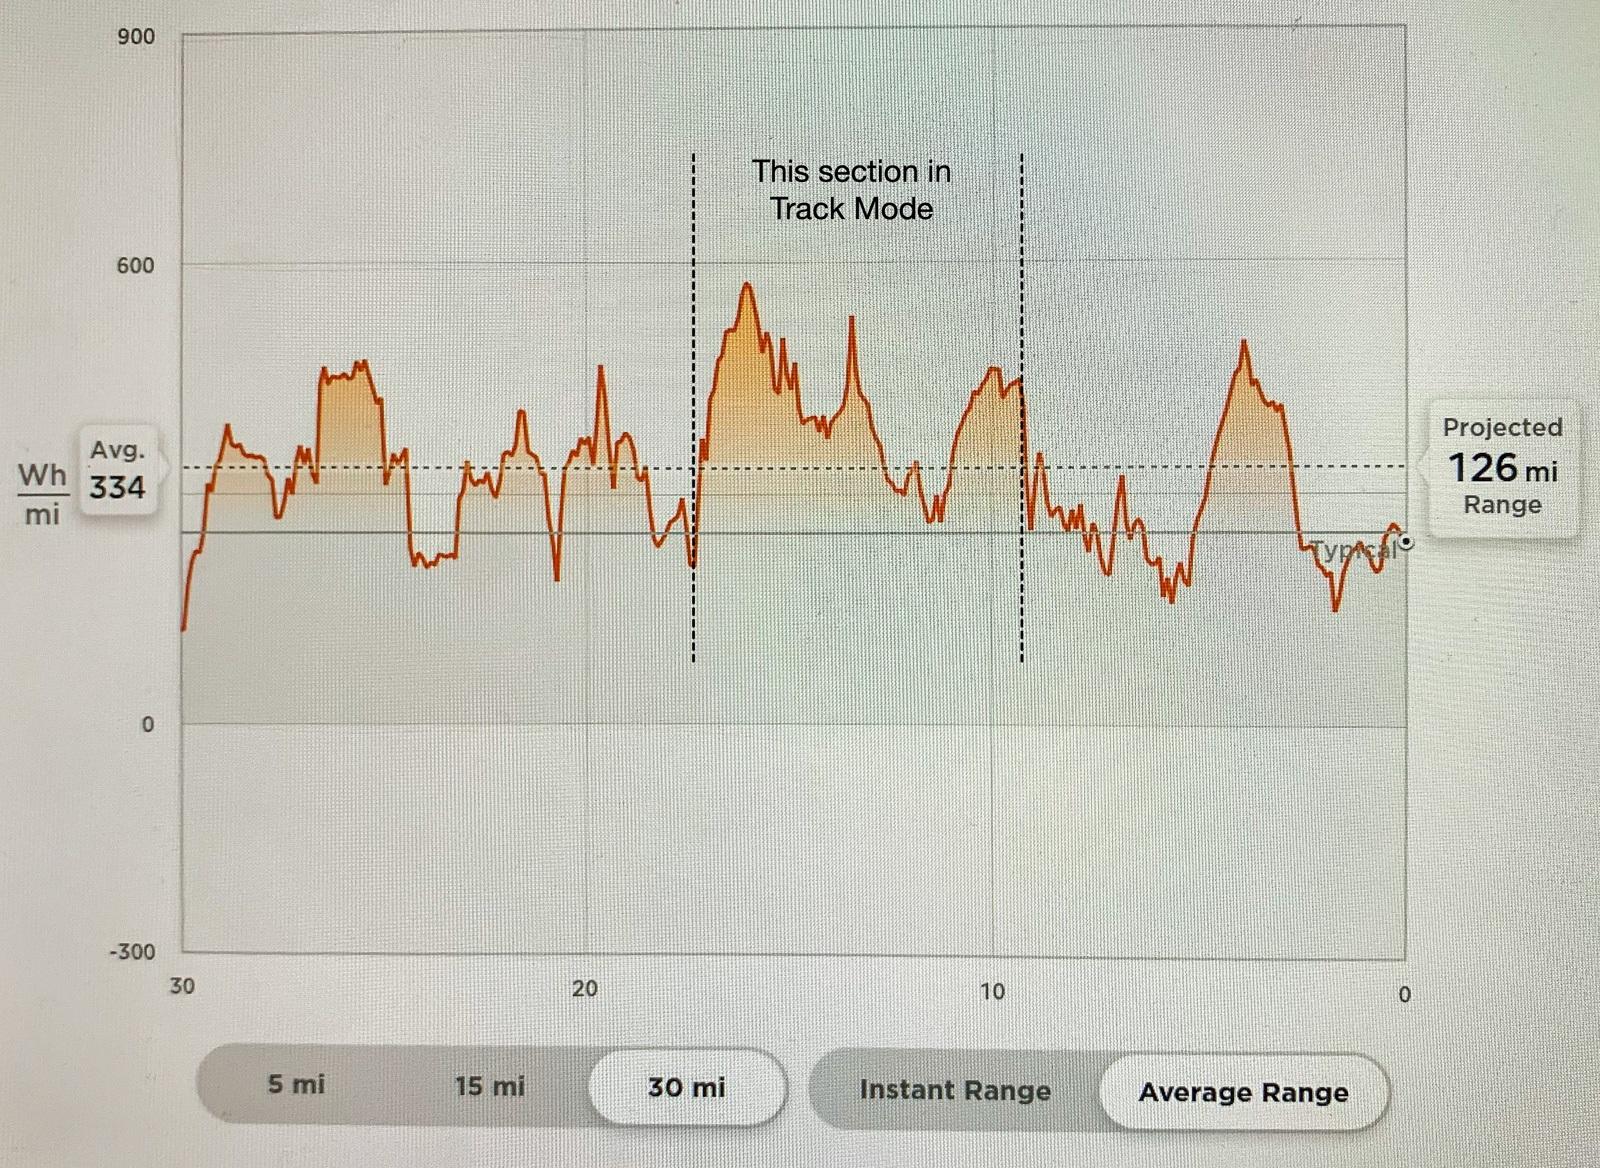 Track Mode Energy.jpg